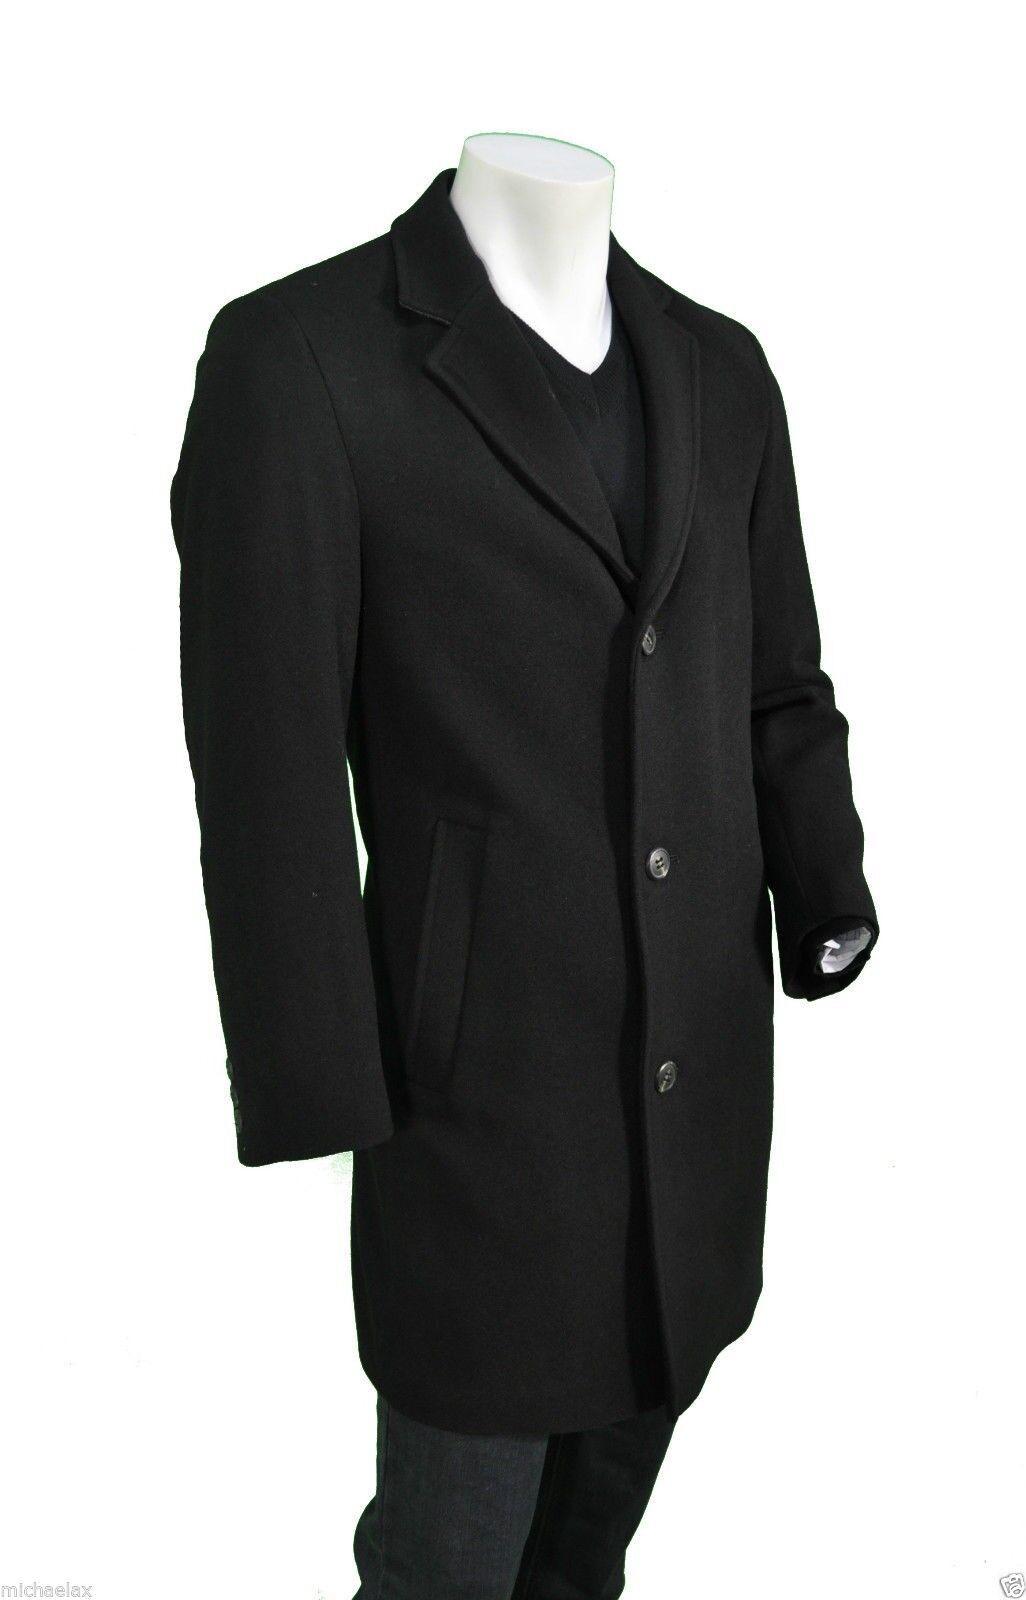 Uomo Cappotto Cashmere in lana con percentuale Cashmere Cappotto in nero, tipo Londra. b07159